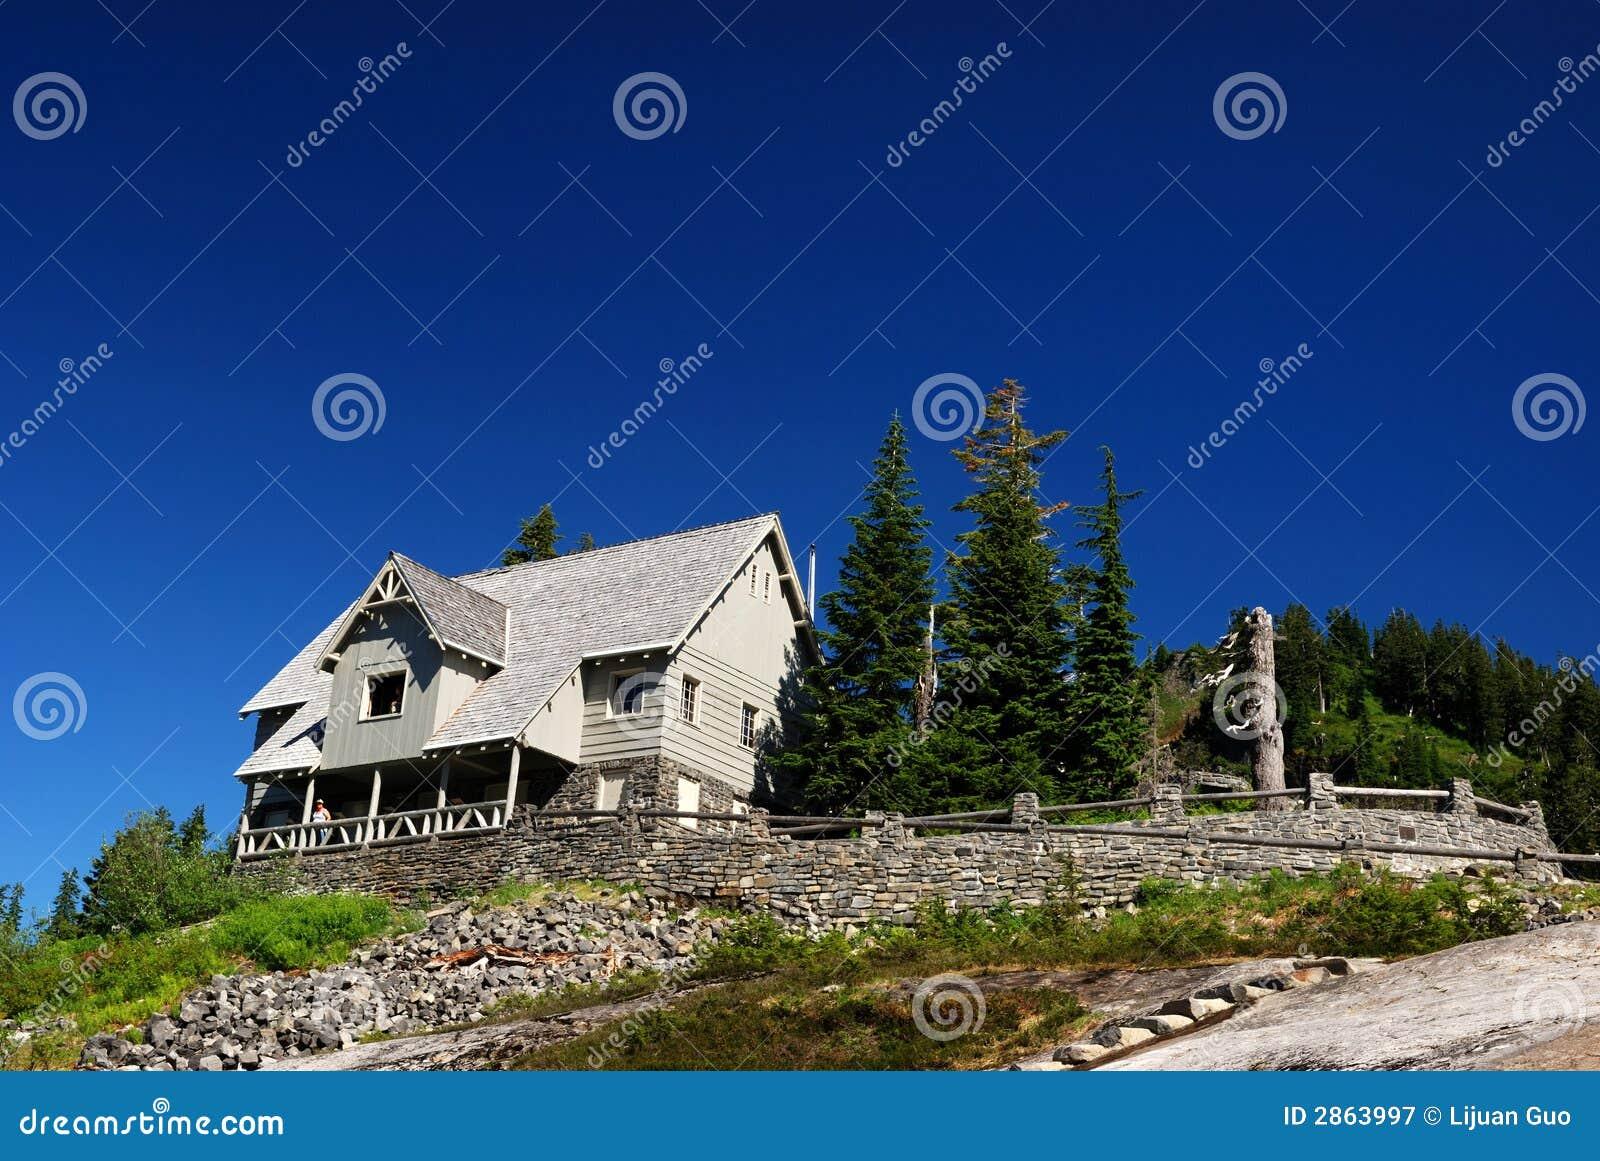 Cabine sur la montagne